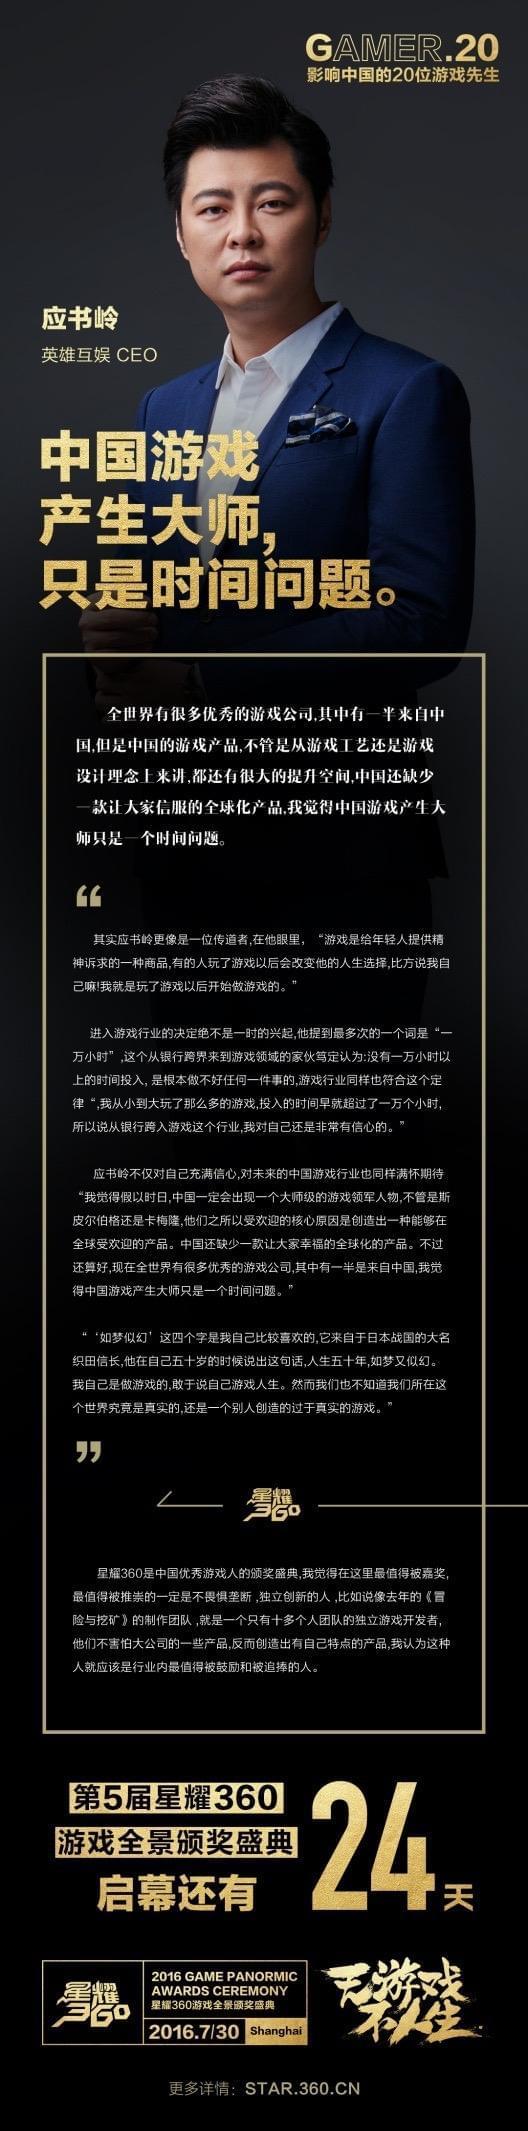 Gamer20应书岭:中国游戏产生大师 只是时间问题